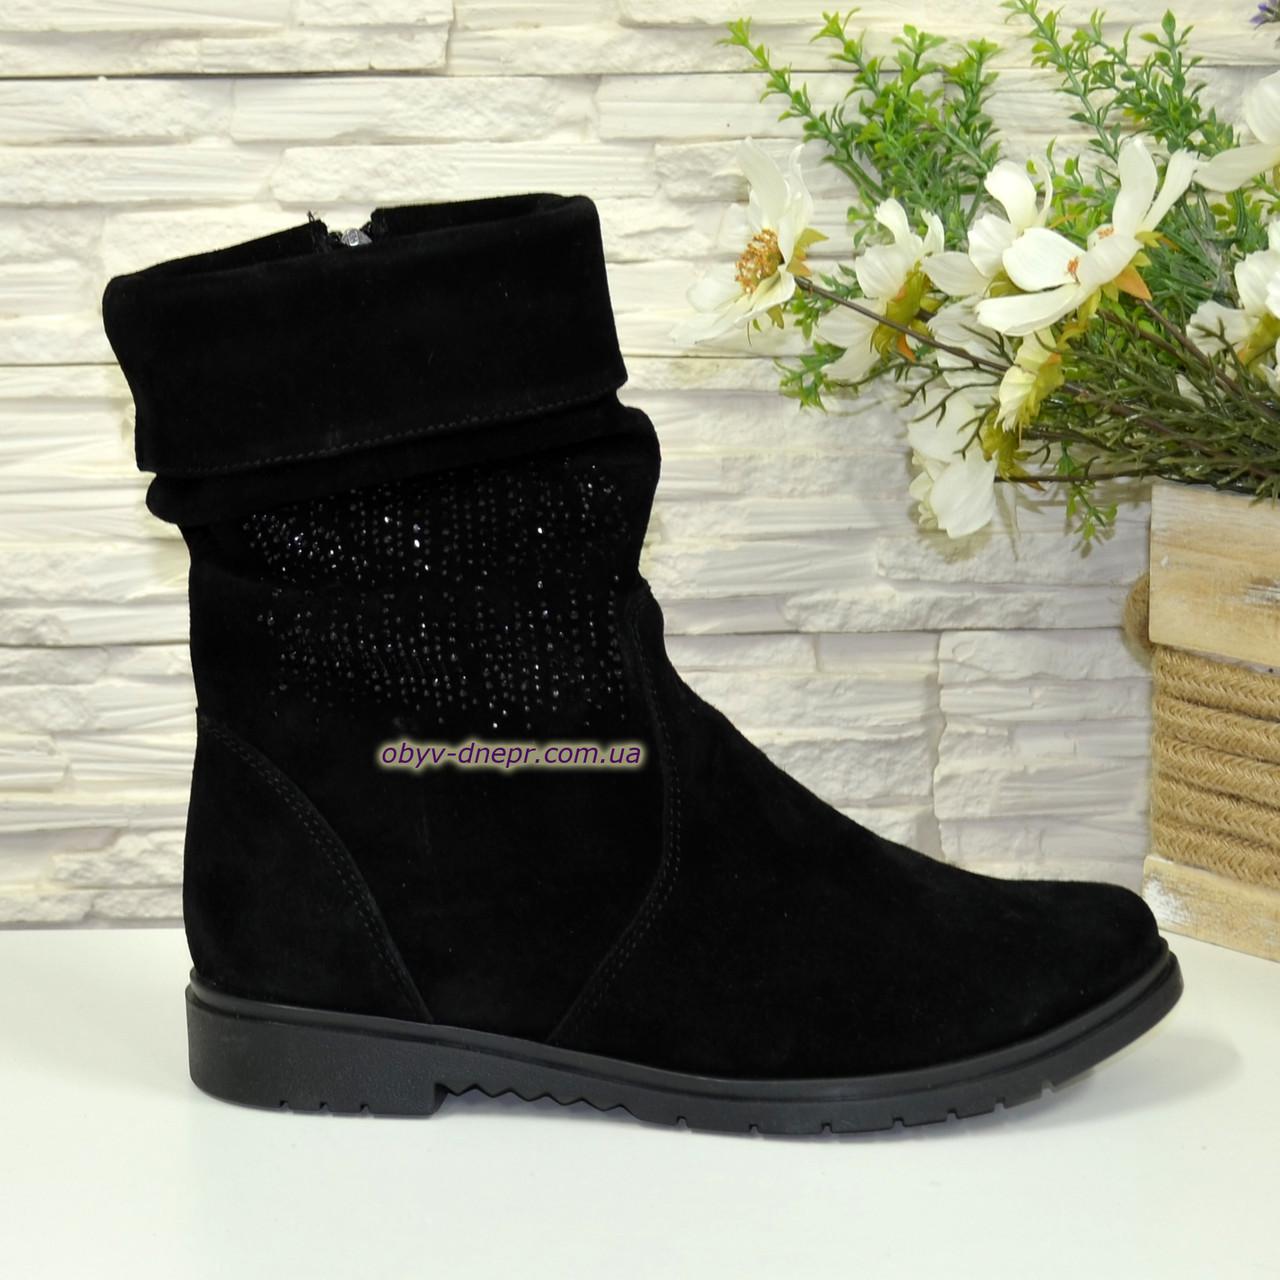 Ботинки женские зимние, натуральный замш, камни